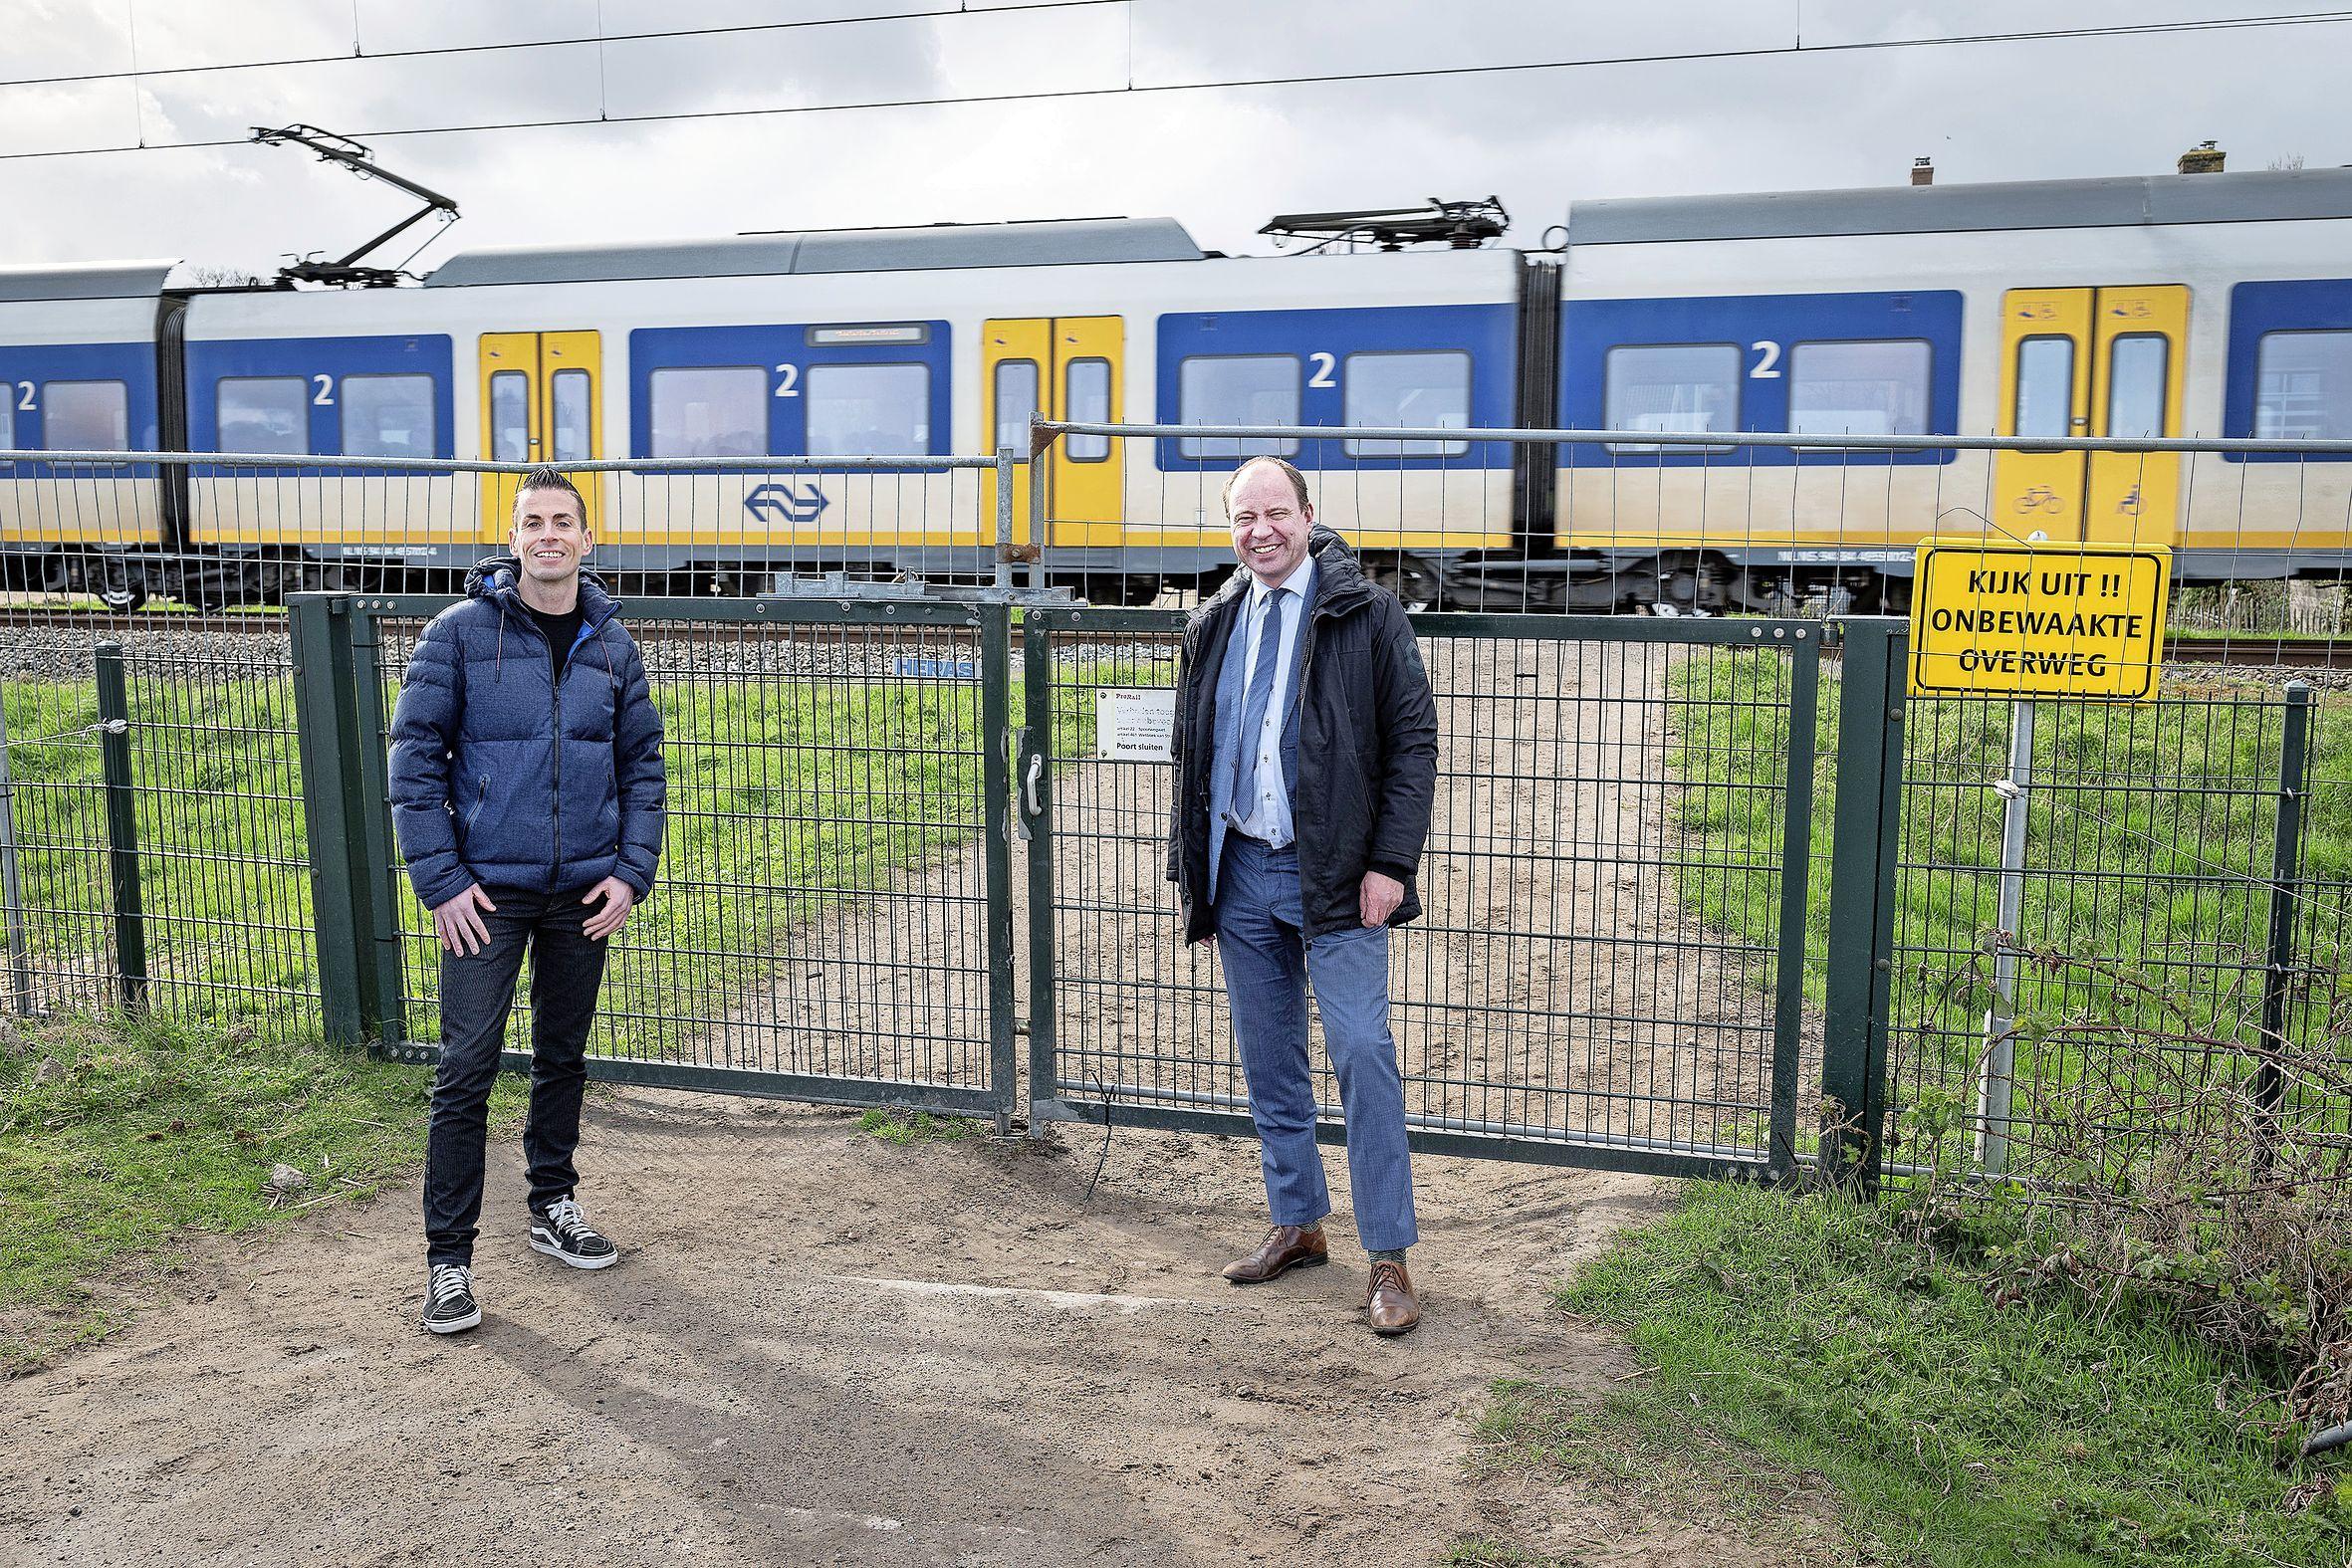 Prorail sluit laatste onbewaakte spoorwegovergang in Santpoort-Zuid: 'Hiermee is een einde gekomen aan een proces van vele jaren waarmee we de veiligheid op dit stuk spoor flink willen verbeteren'